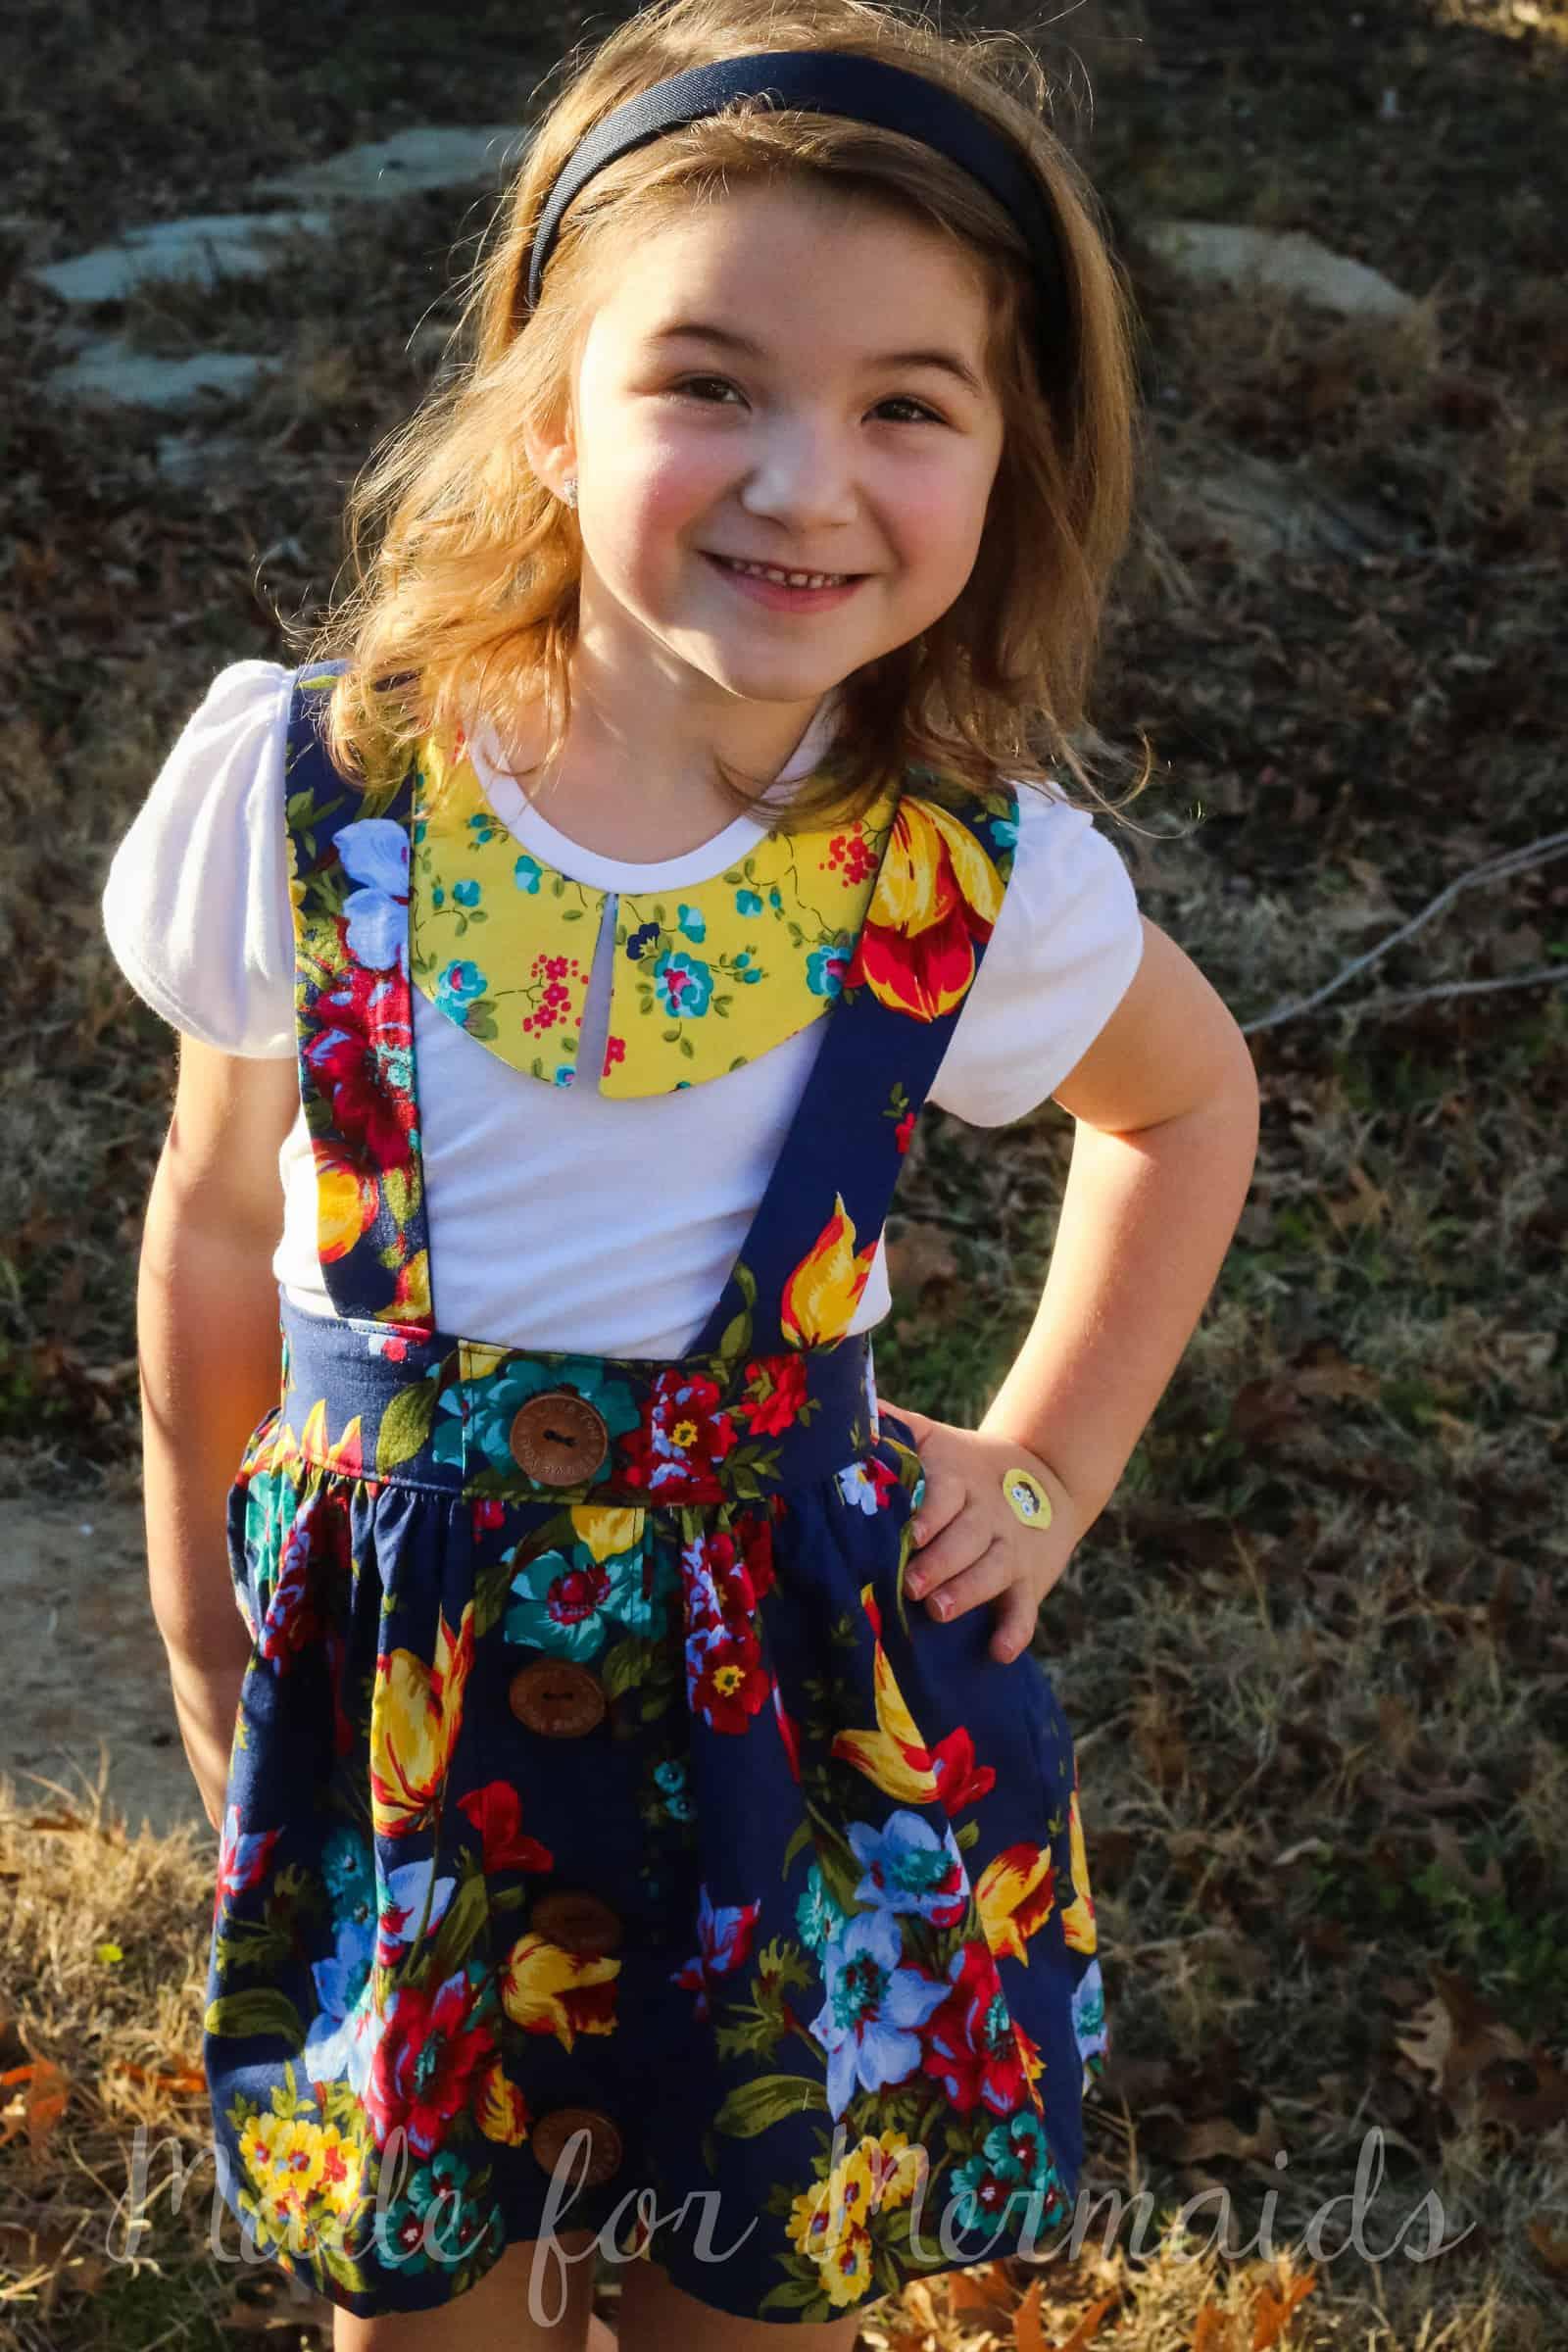 Samantha Suspender Skirt ⋆ Made For Mermaids